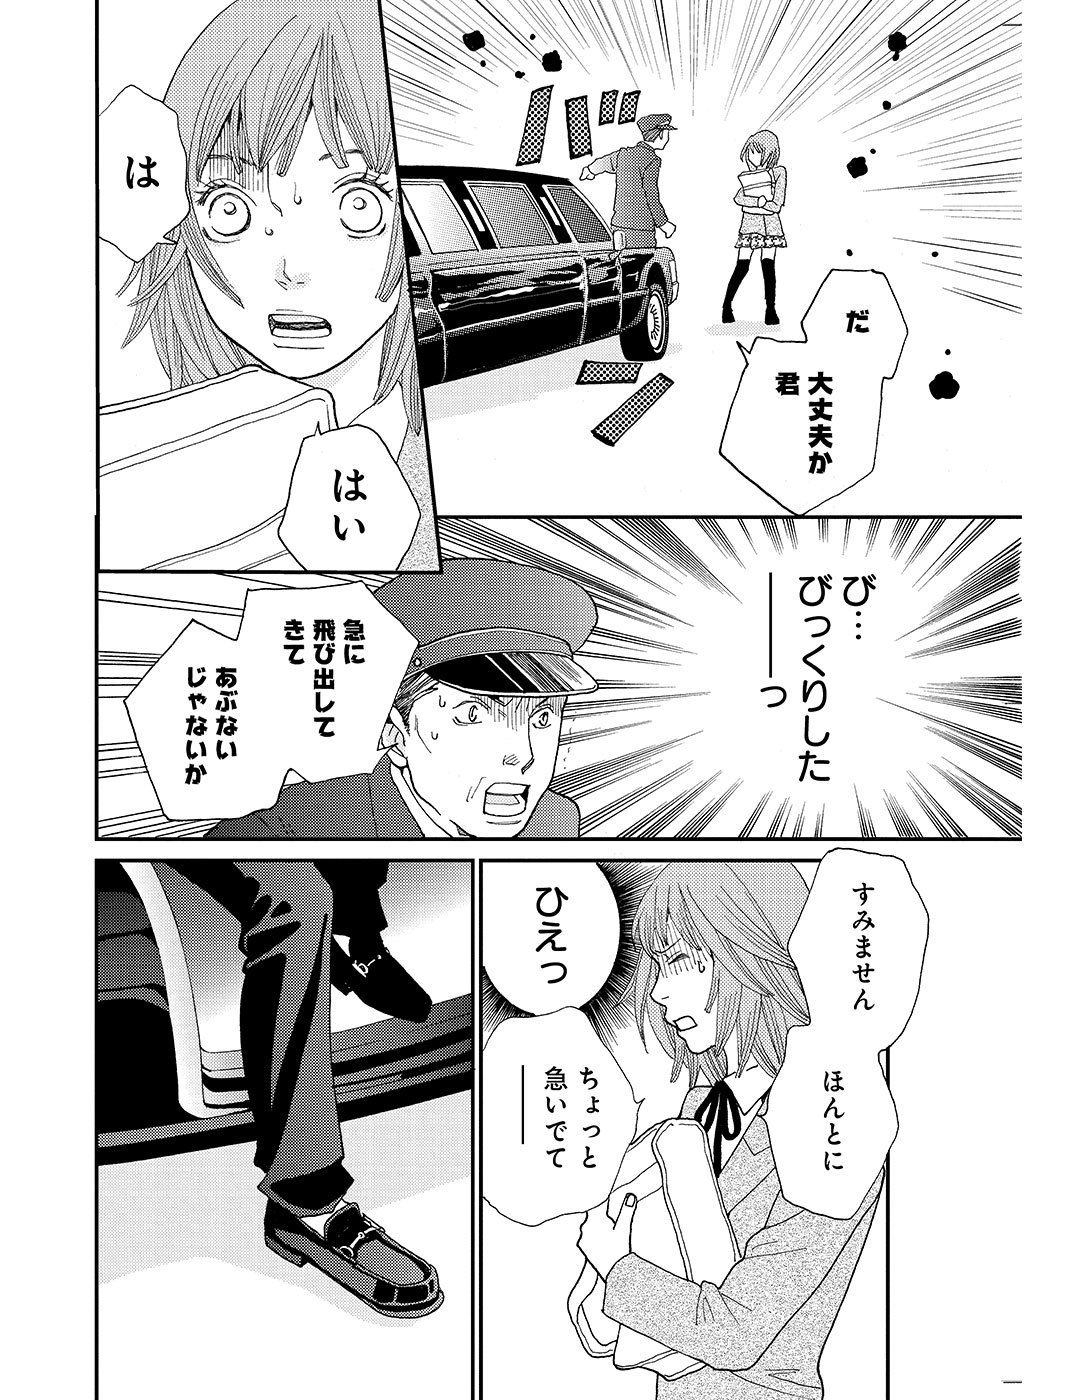 花のち晴れ 第1話|試し読み_1_1-30